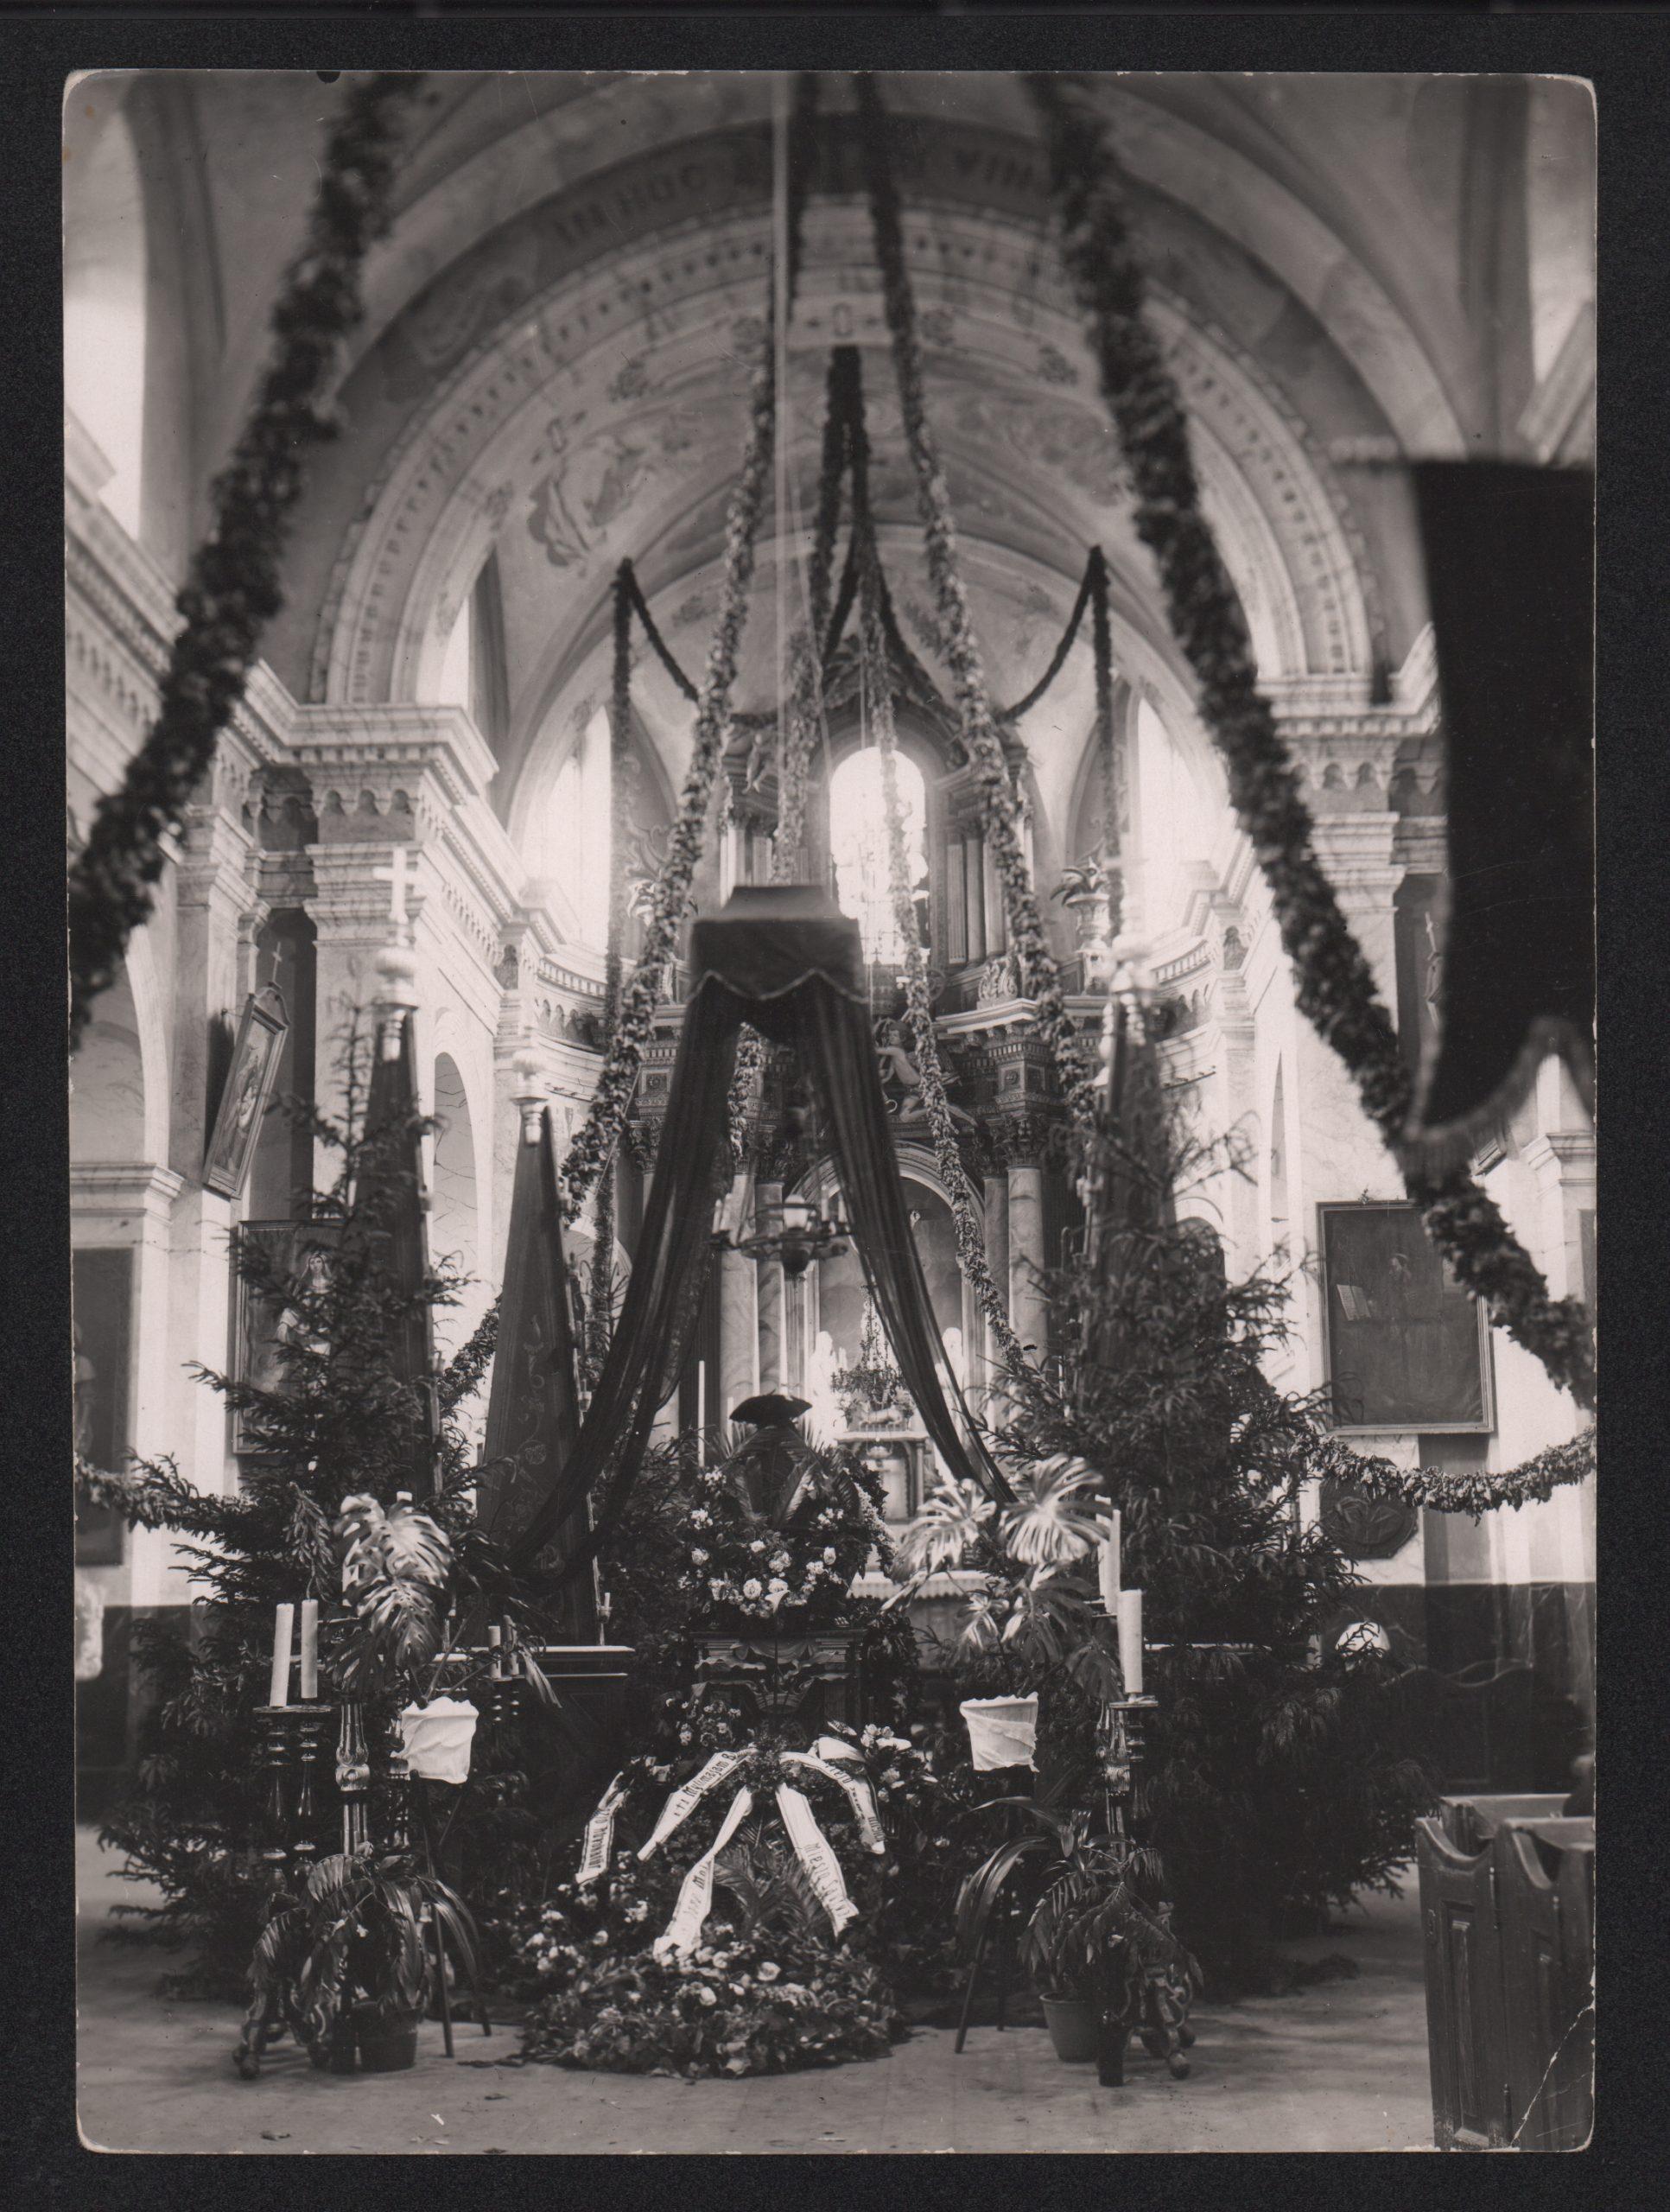 PKM 30862 F9142 Notaro Jono Moigio (1867–1933) laidotuvės: karstas su velionio palaikais Šv. apaštalų Petro ir Povilo bažnyčioje. Panevėžys, 1933 07 13. J. Pauros nuotrauka.